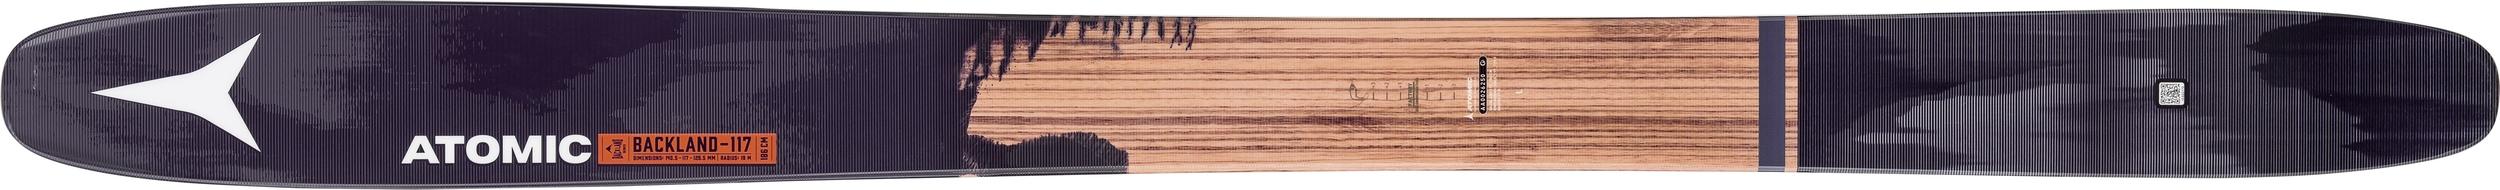 ATOMIC BACKLAND FR 117, $850.